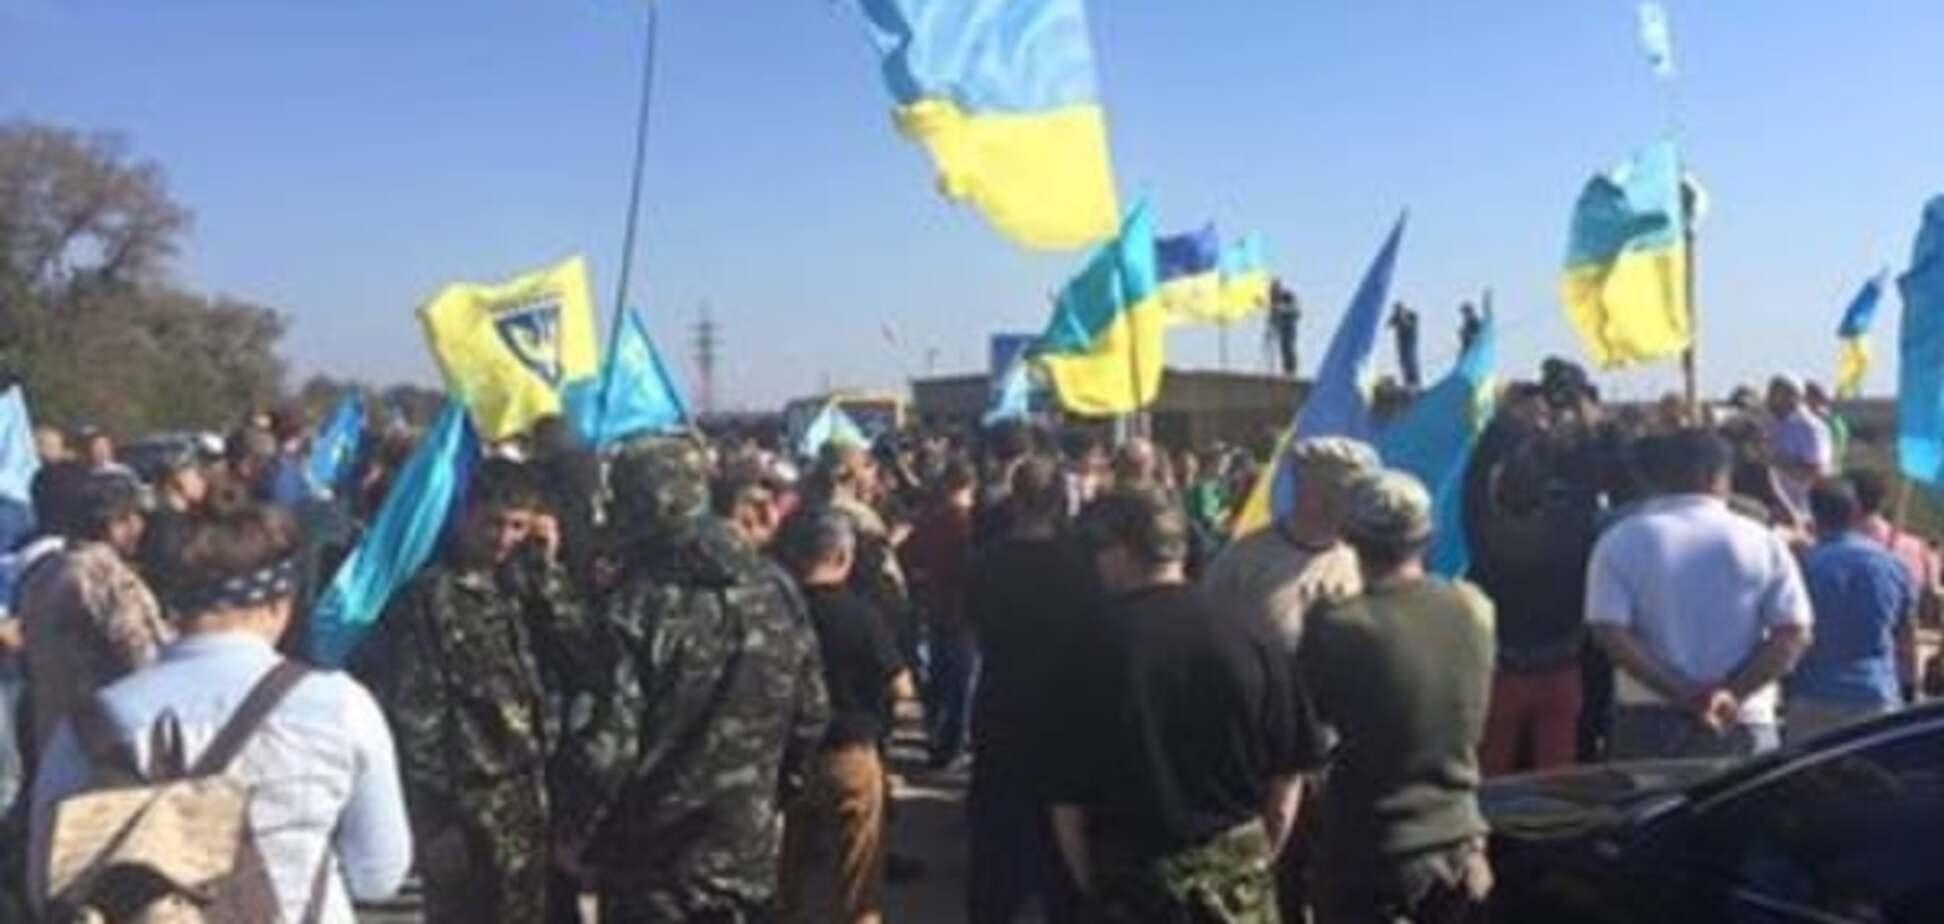 Аксьонов лякає кримчан 'знущаннями' і радить не їздити в Україну